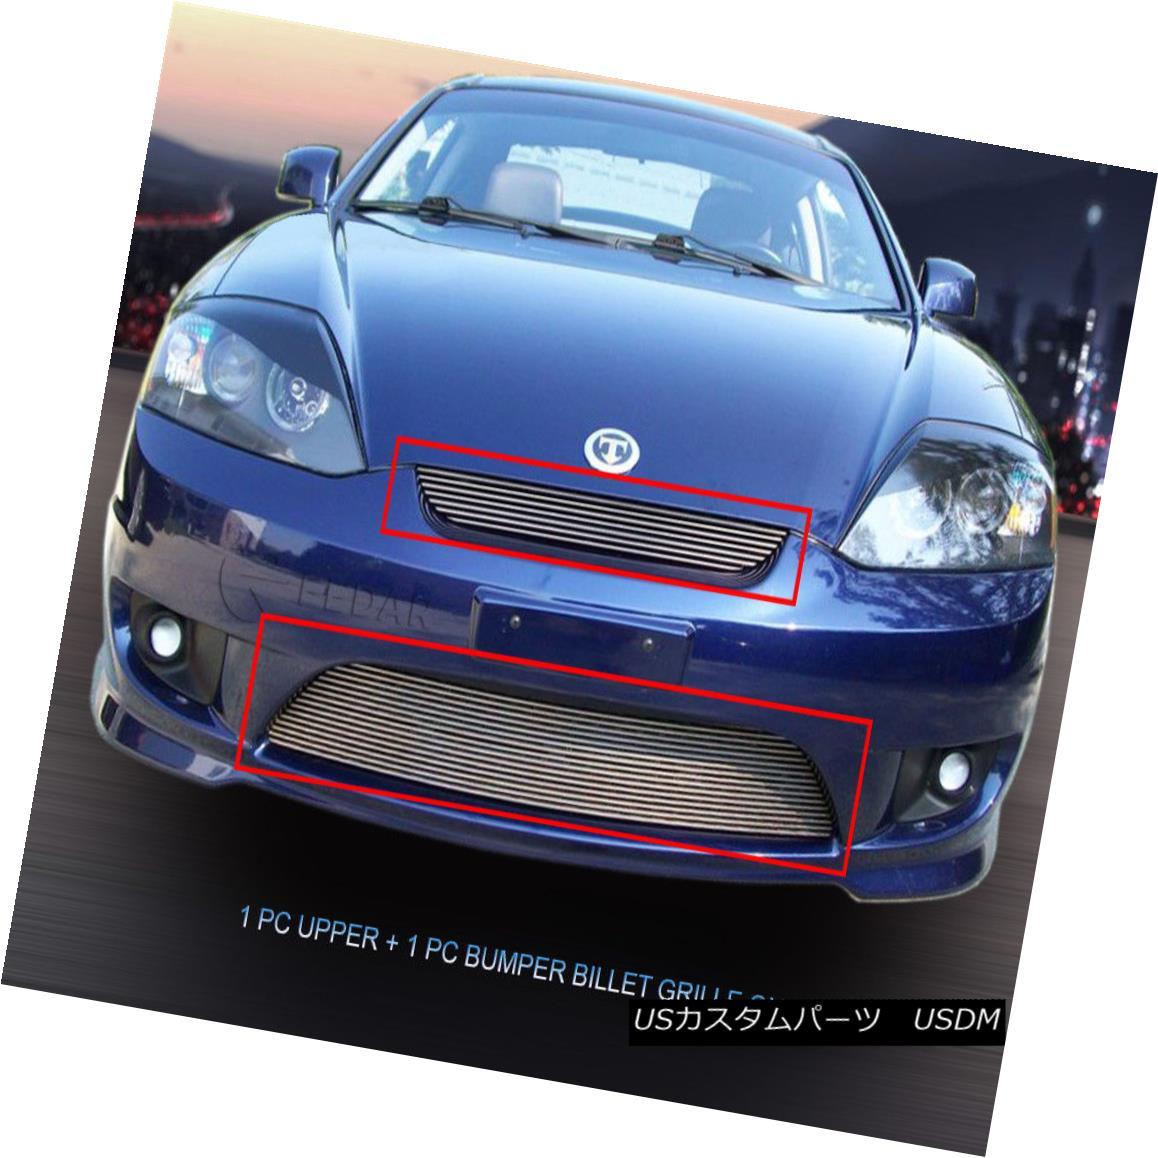 グリル Fits 2005 2006 Hyundai Tiburon Bolt On Billet Grille Combo Grill Insert Fedar フィット2005 2005現代ティブロンボルトオンビレットグリルコンボグリルインサートフェルダー